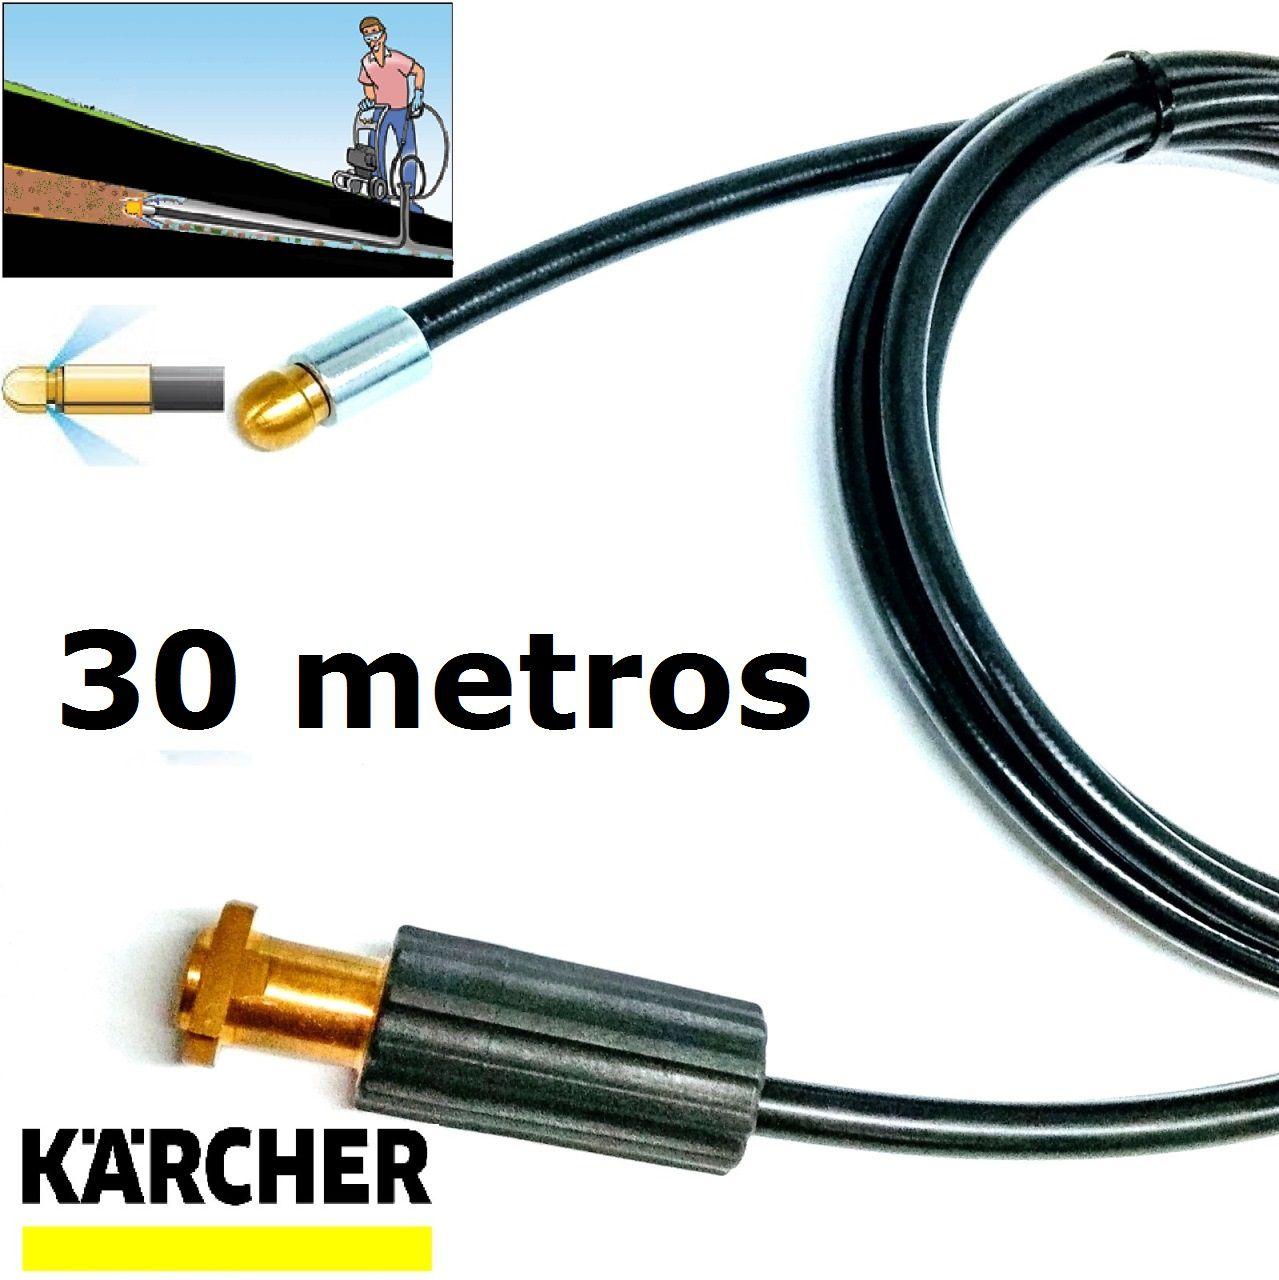 Mangueira desentupidora de tubulação para Karcher 30 Metros  - k1 , k2 , k3 , k4 , k5